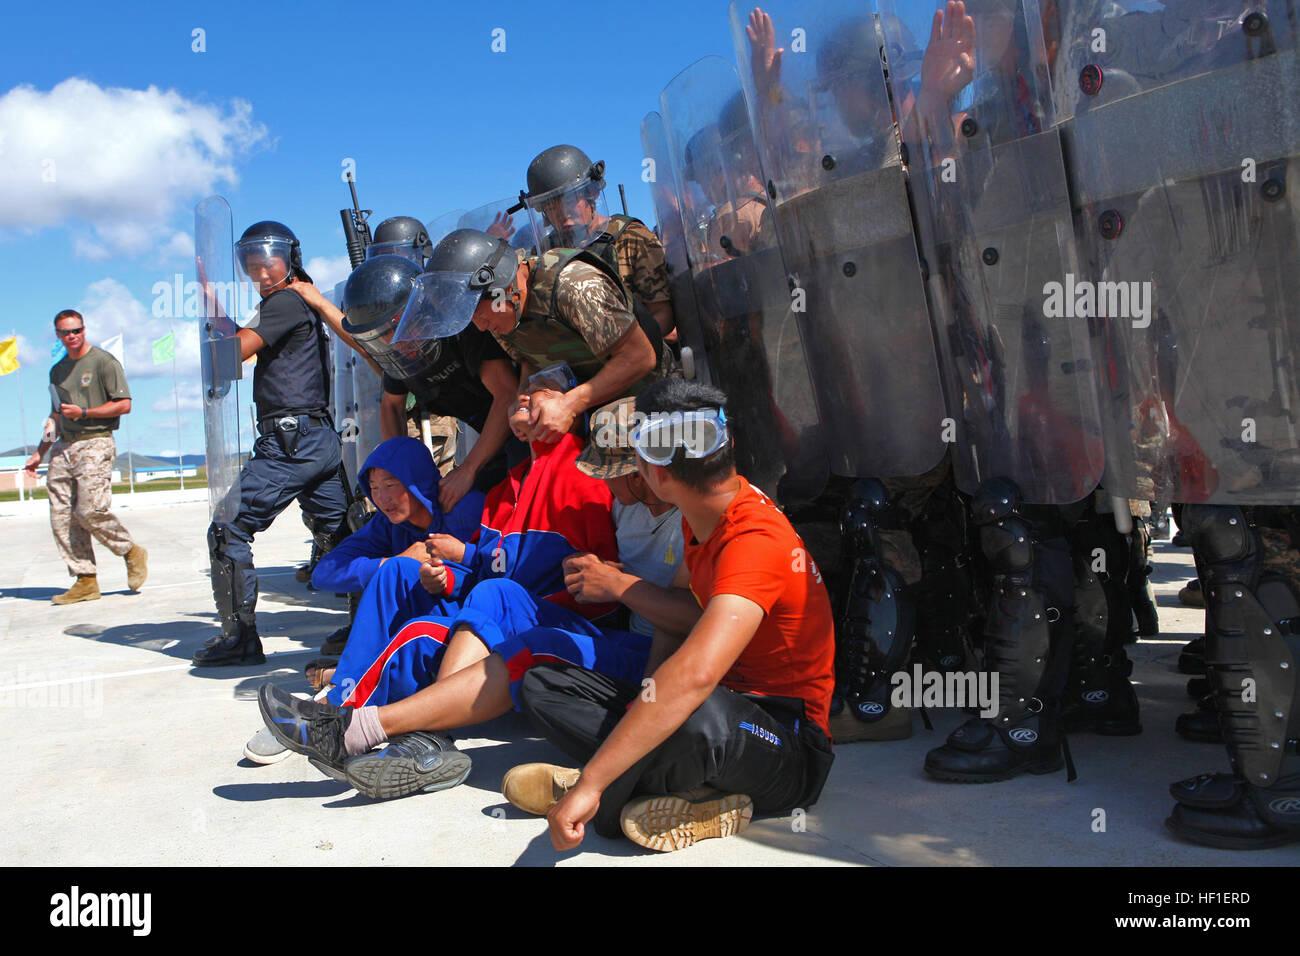 Los miembros del servicio con las fuerzas armadas de Mongolia ensayar pelotón tácticas que pueden ser empleadas Foto de stock